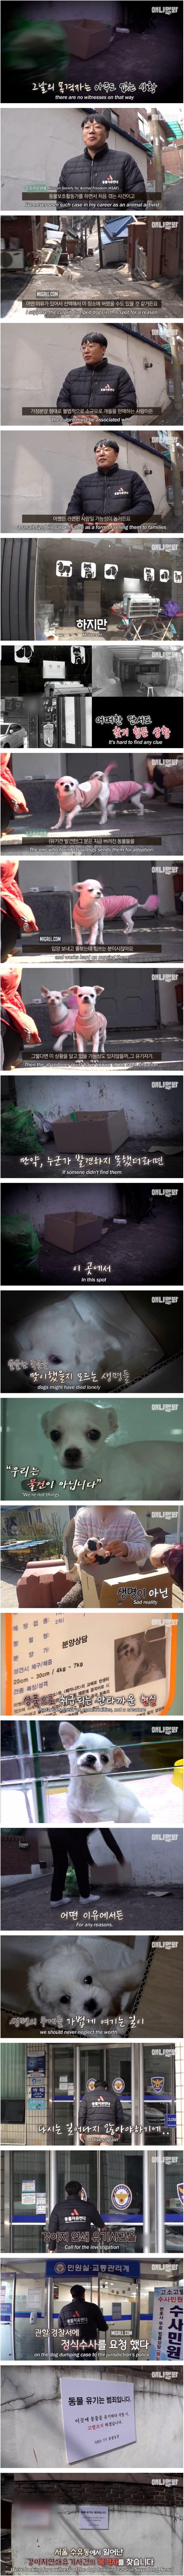 한 골목 쓰레기장에서 발견된 30마리의 새끼 강아지들